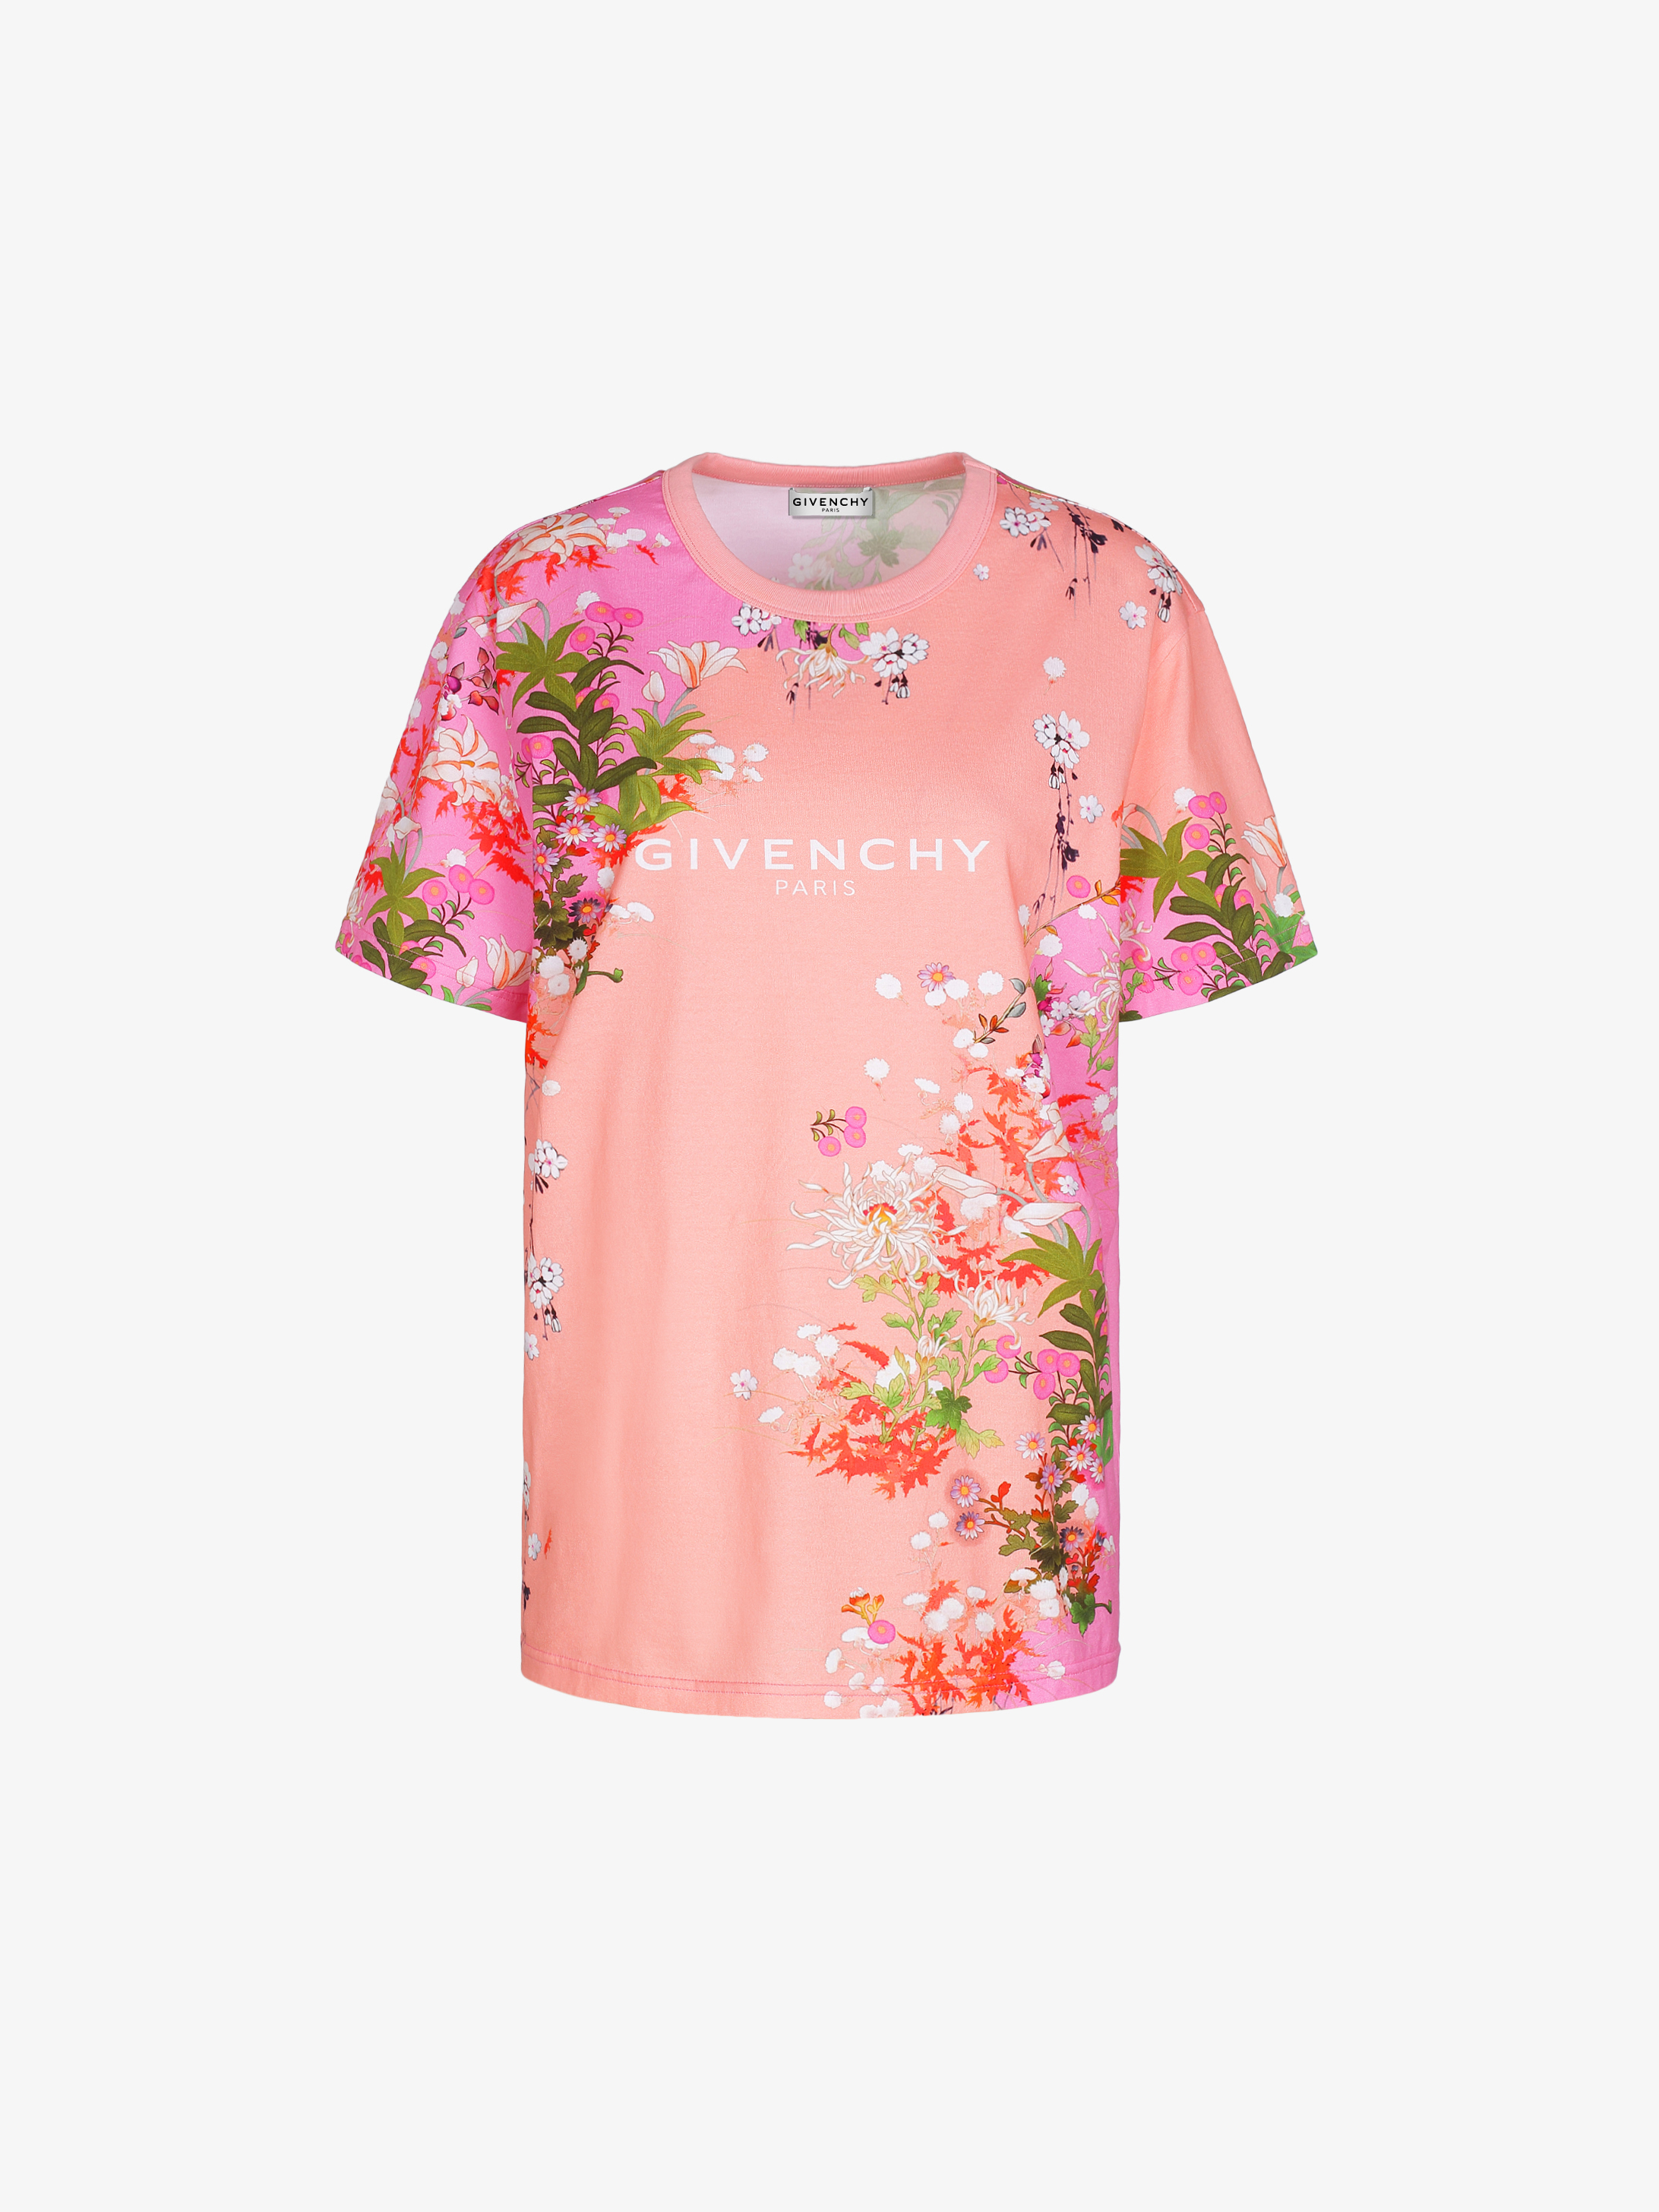 T-shirt masculin imprimé GIVENCHY PARIS floral